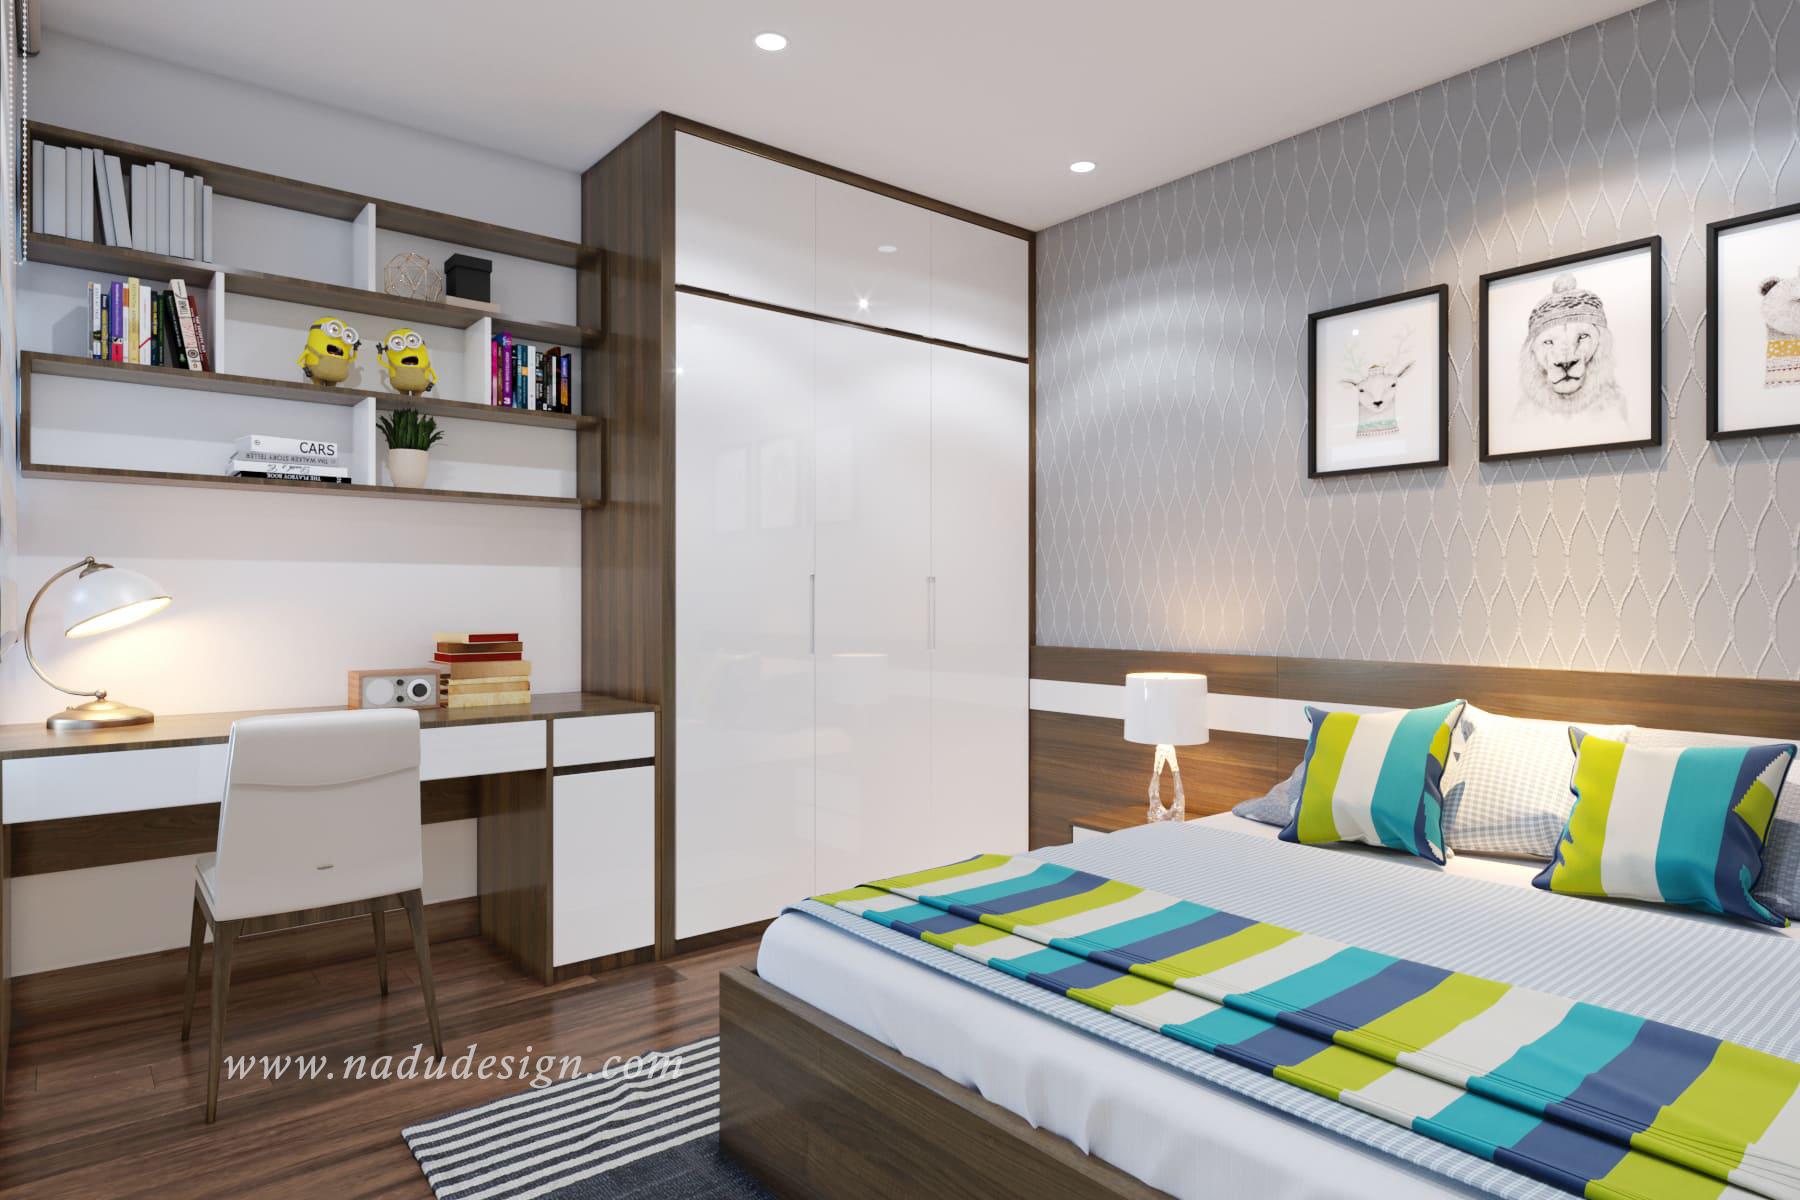 thiết kế nội thất phòng ngủ cho bé gái